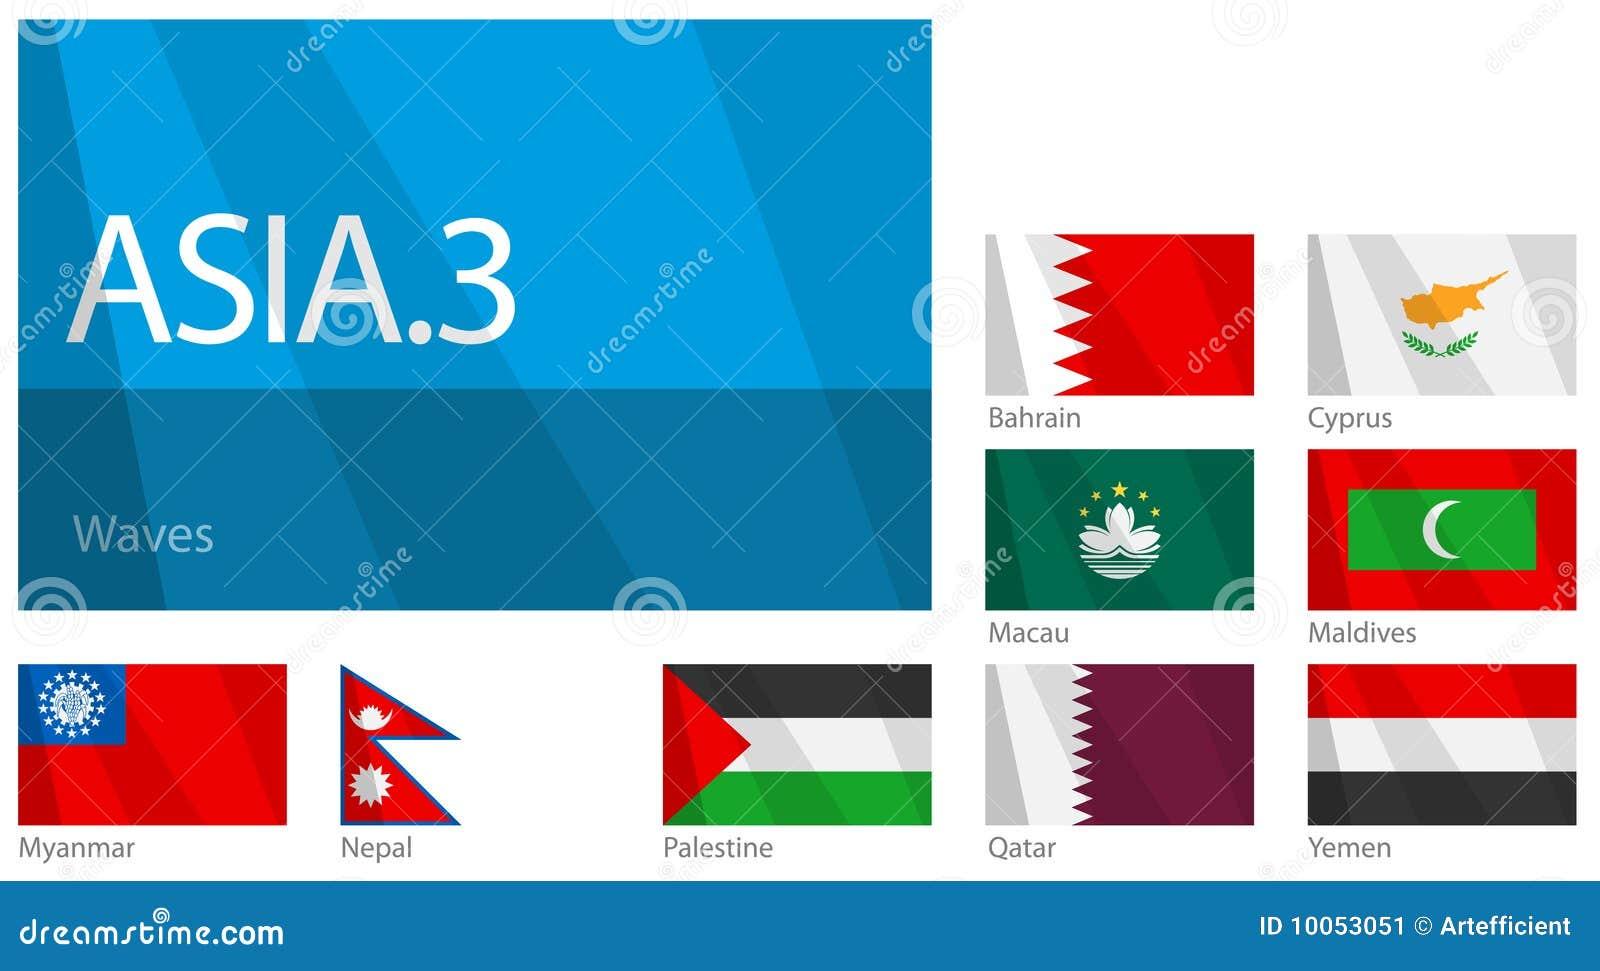 Bandeiras de ondulação de países asiáticos - parte 3.